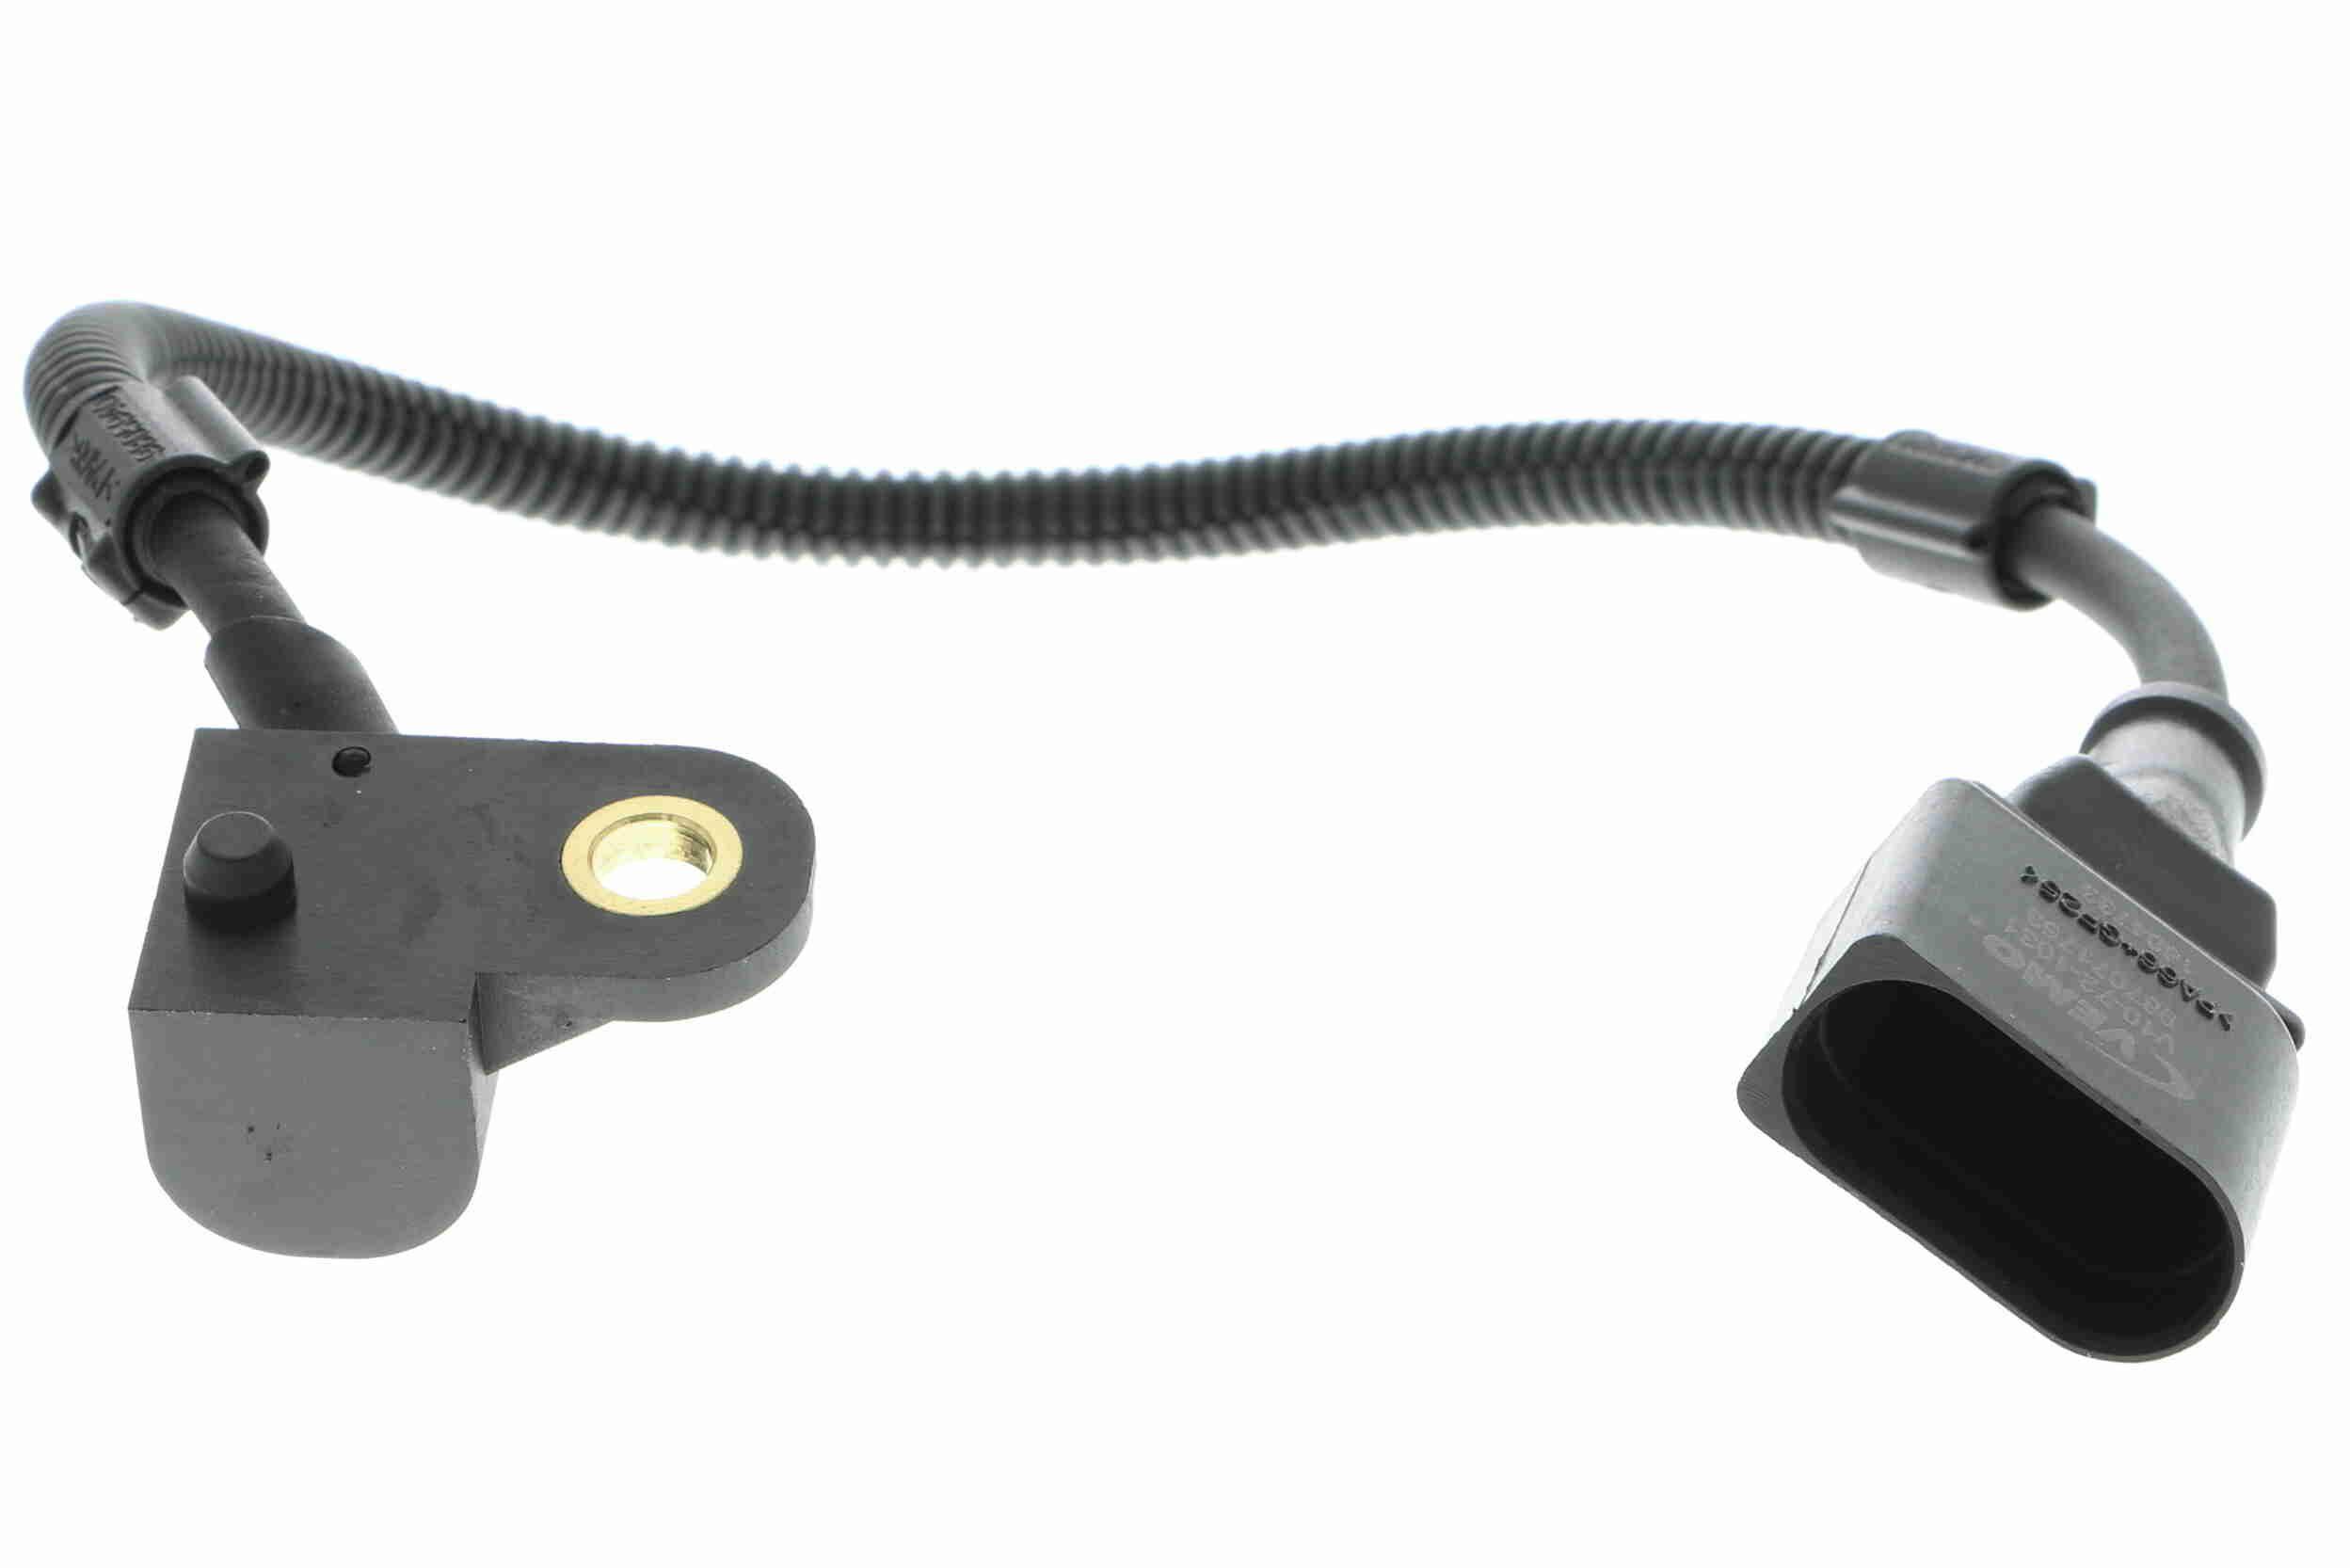 VEMO: Original Impulsgeber Nockenwelle V10-72-1031 (Anschlussanzahl: 3, Pol-Anzahl: 3-polig, Kabellänge: 330, 445mm)